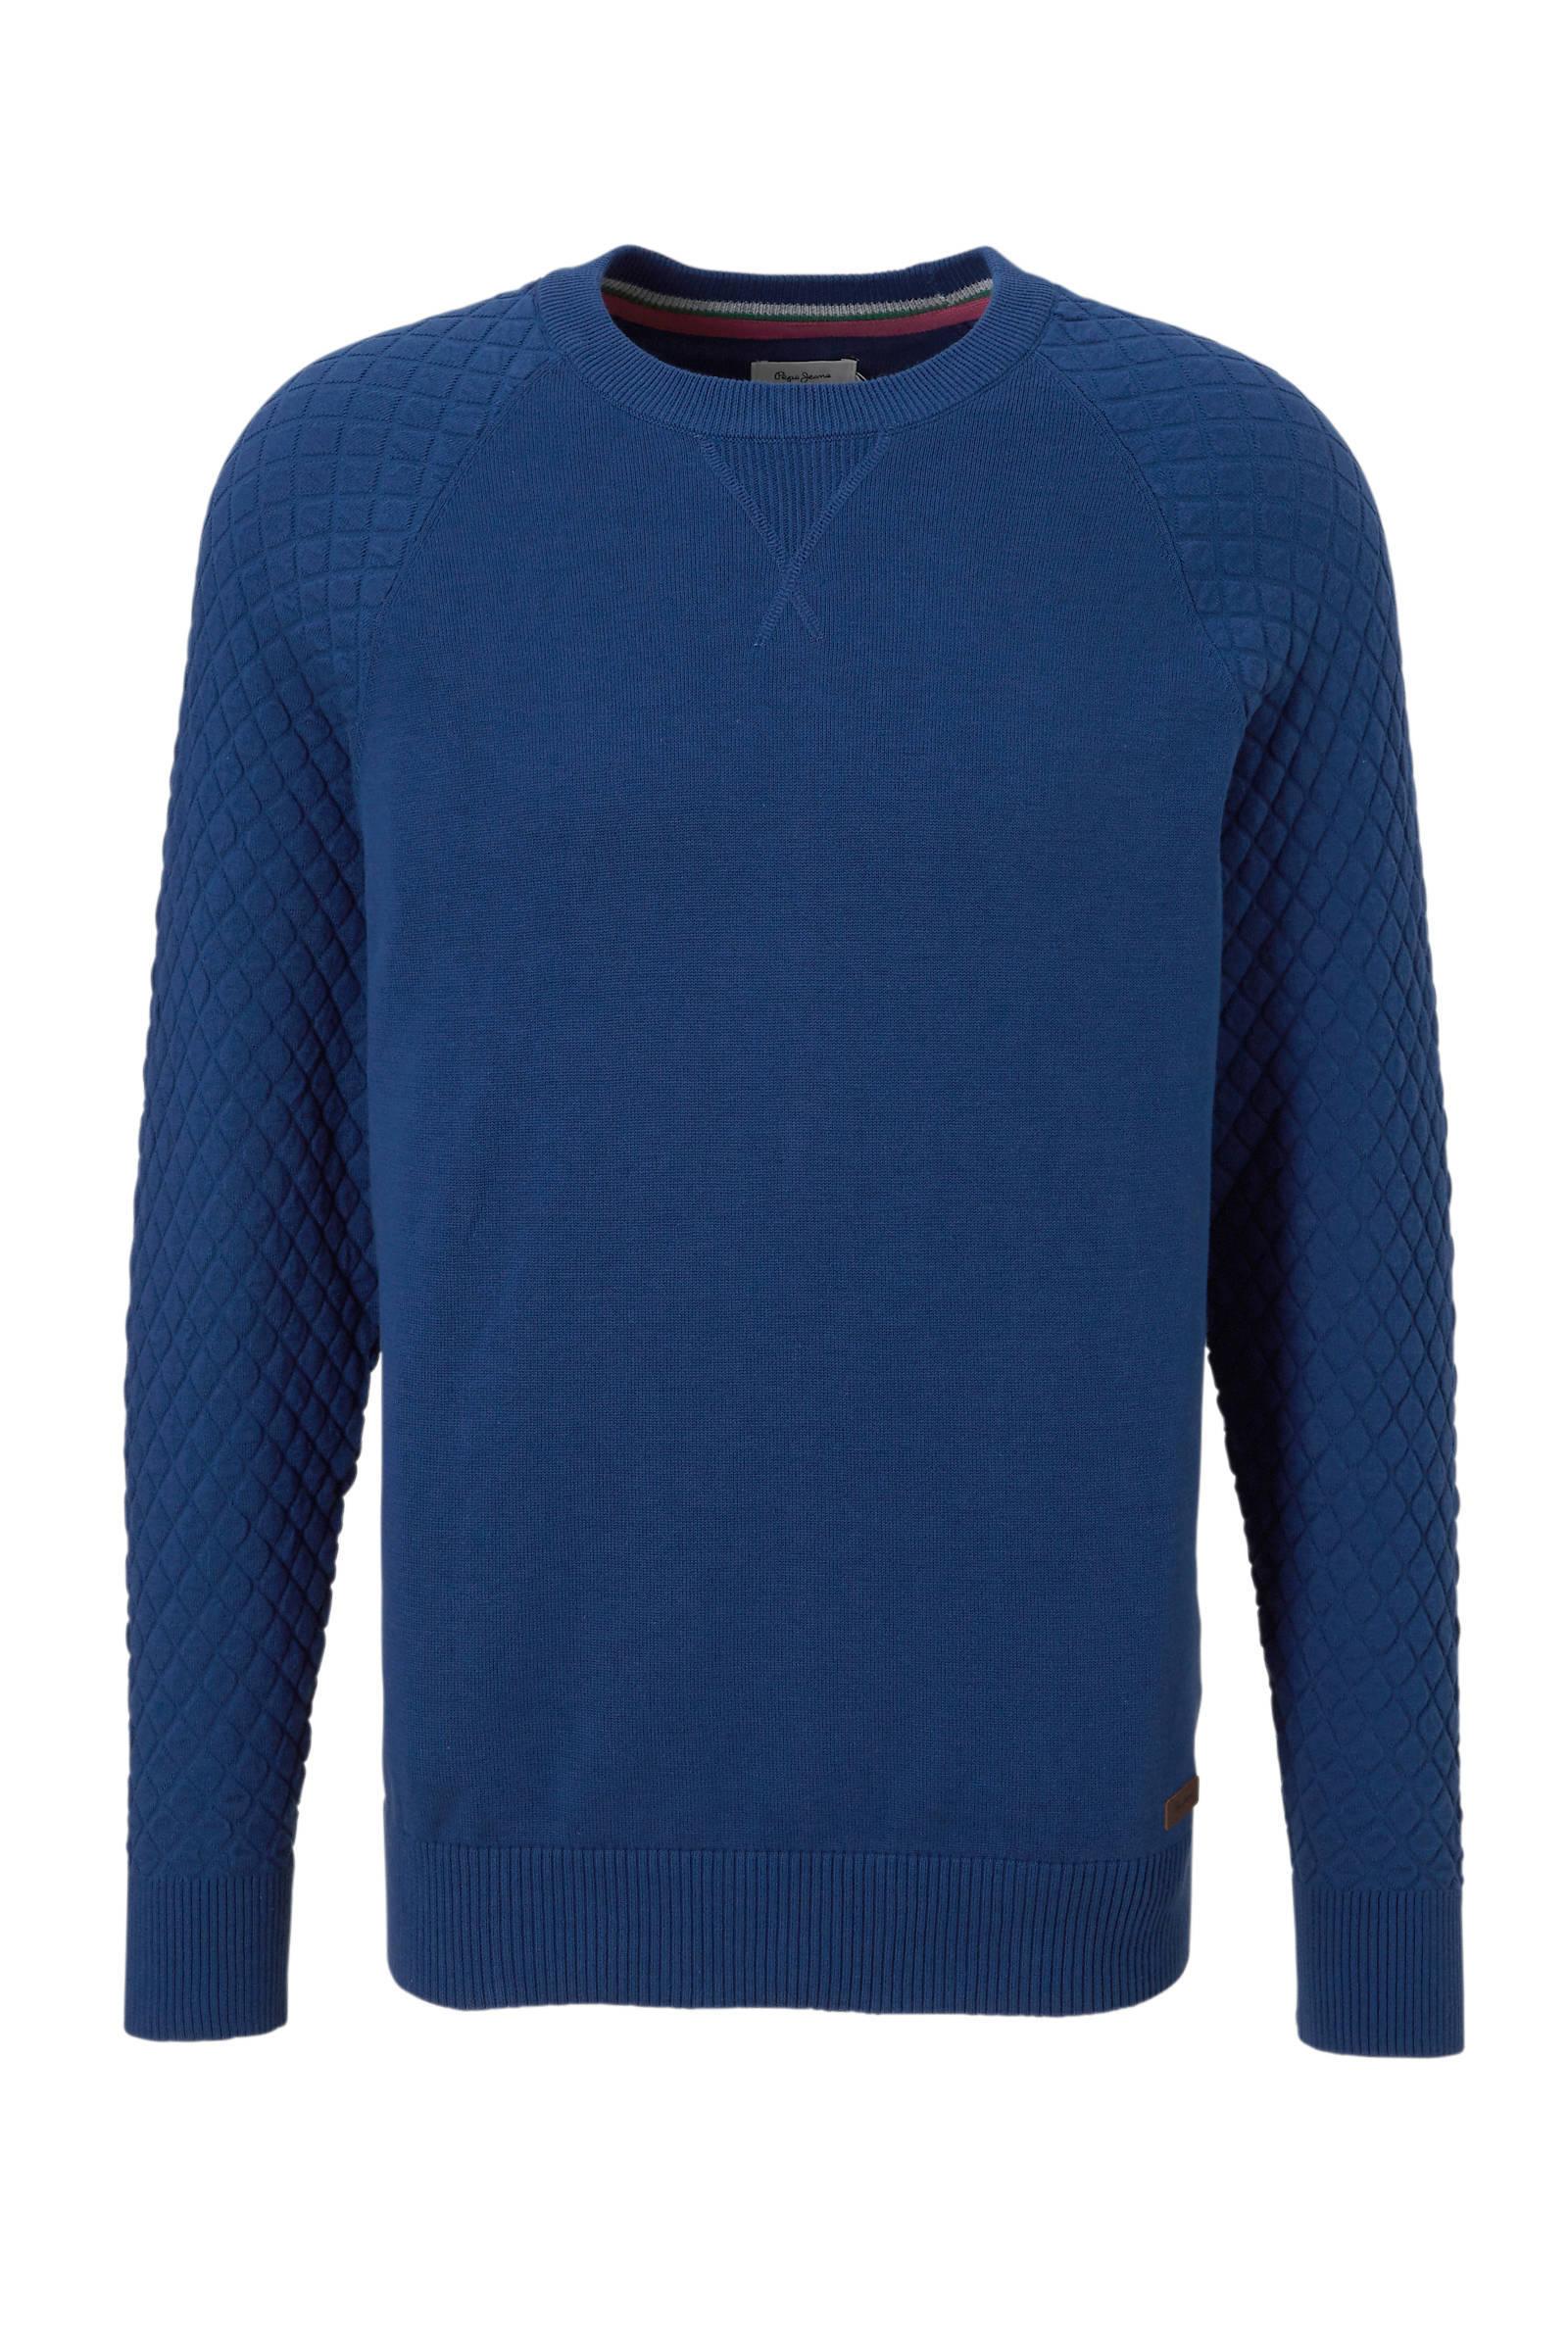 Bij Wehkamp Collectie Bezorging Vanaf Gratis Jeans Totale 20 Pepe xeBordC